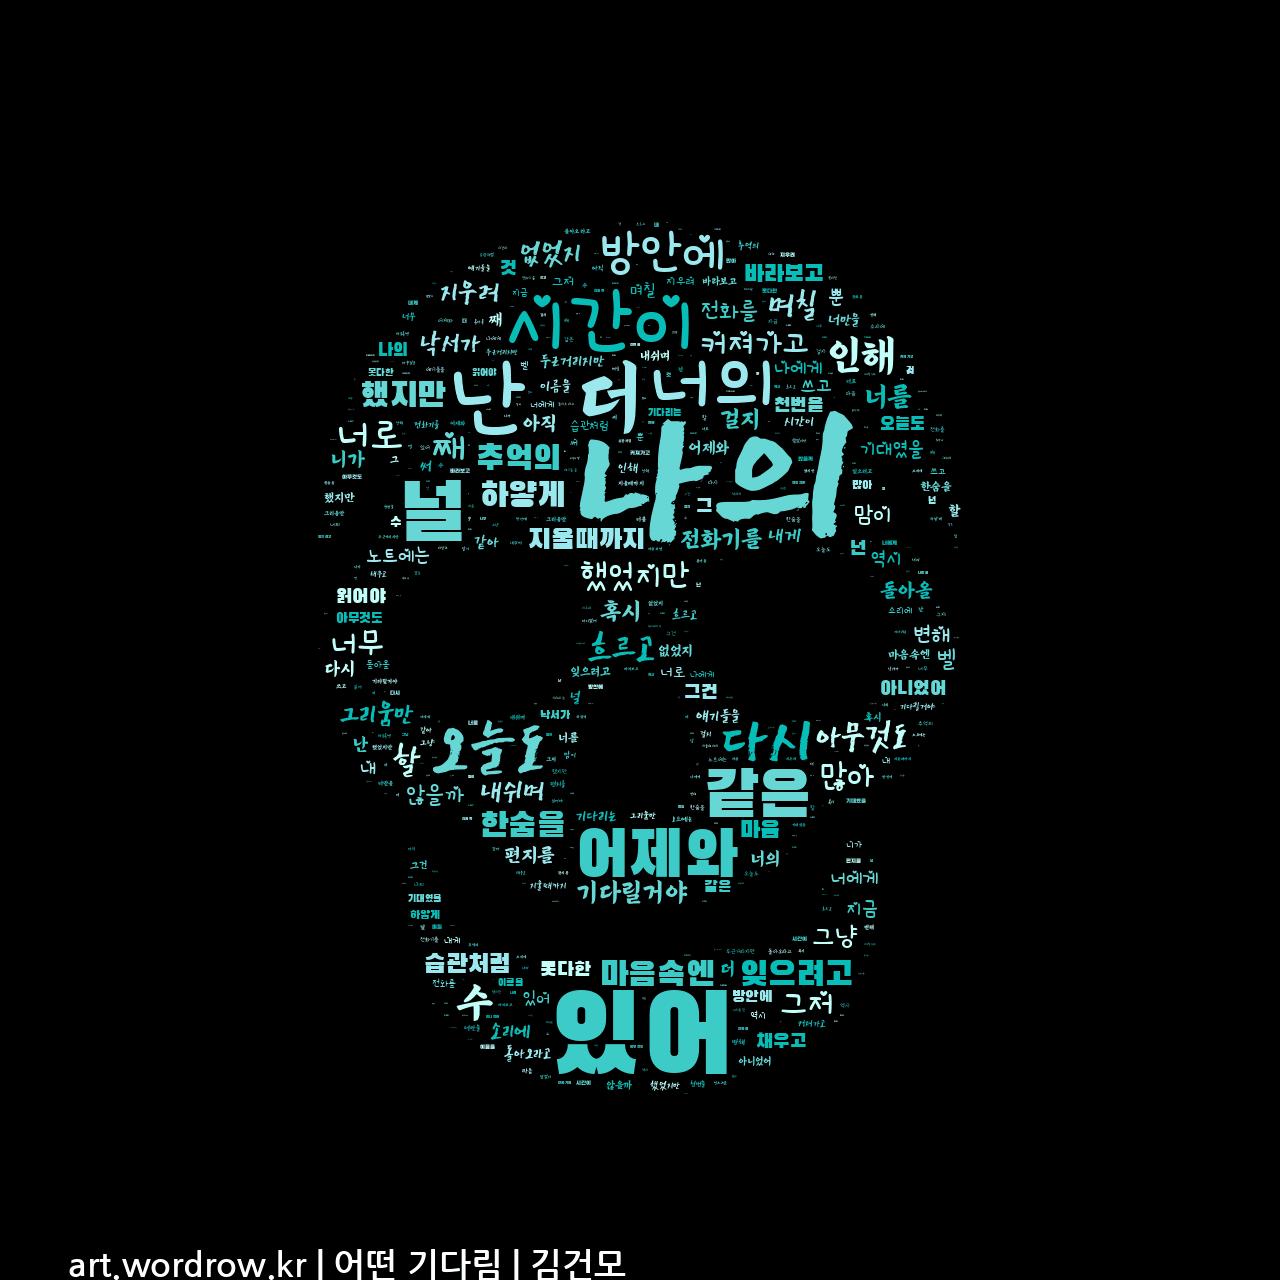 워드 클라우드: 어떤 기다림 [김건모]-69